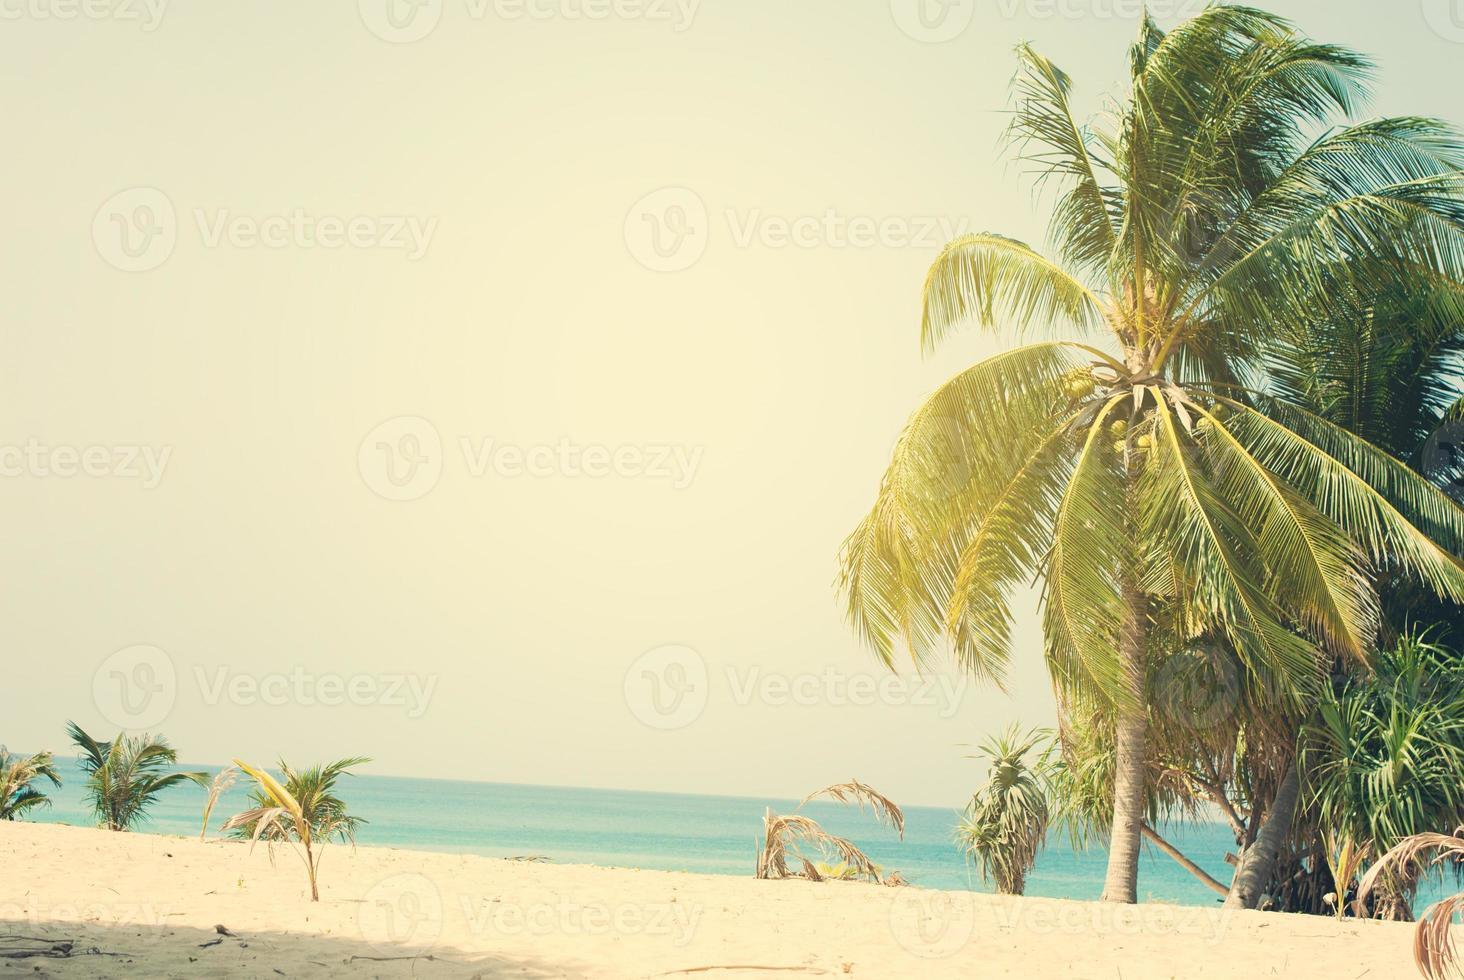 palmeiras iluminadas pelo sol na costa tropical foto